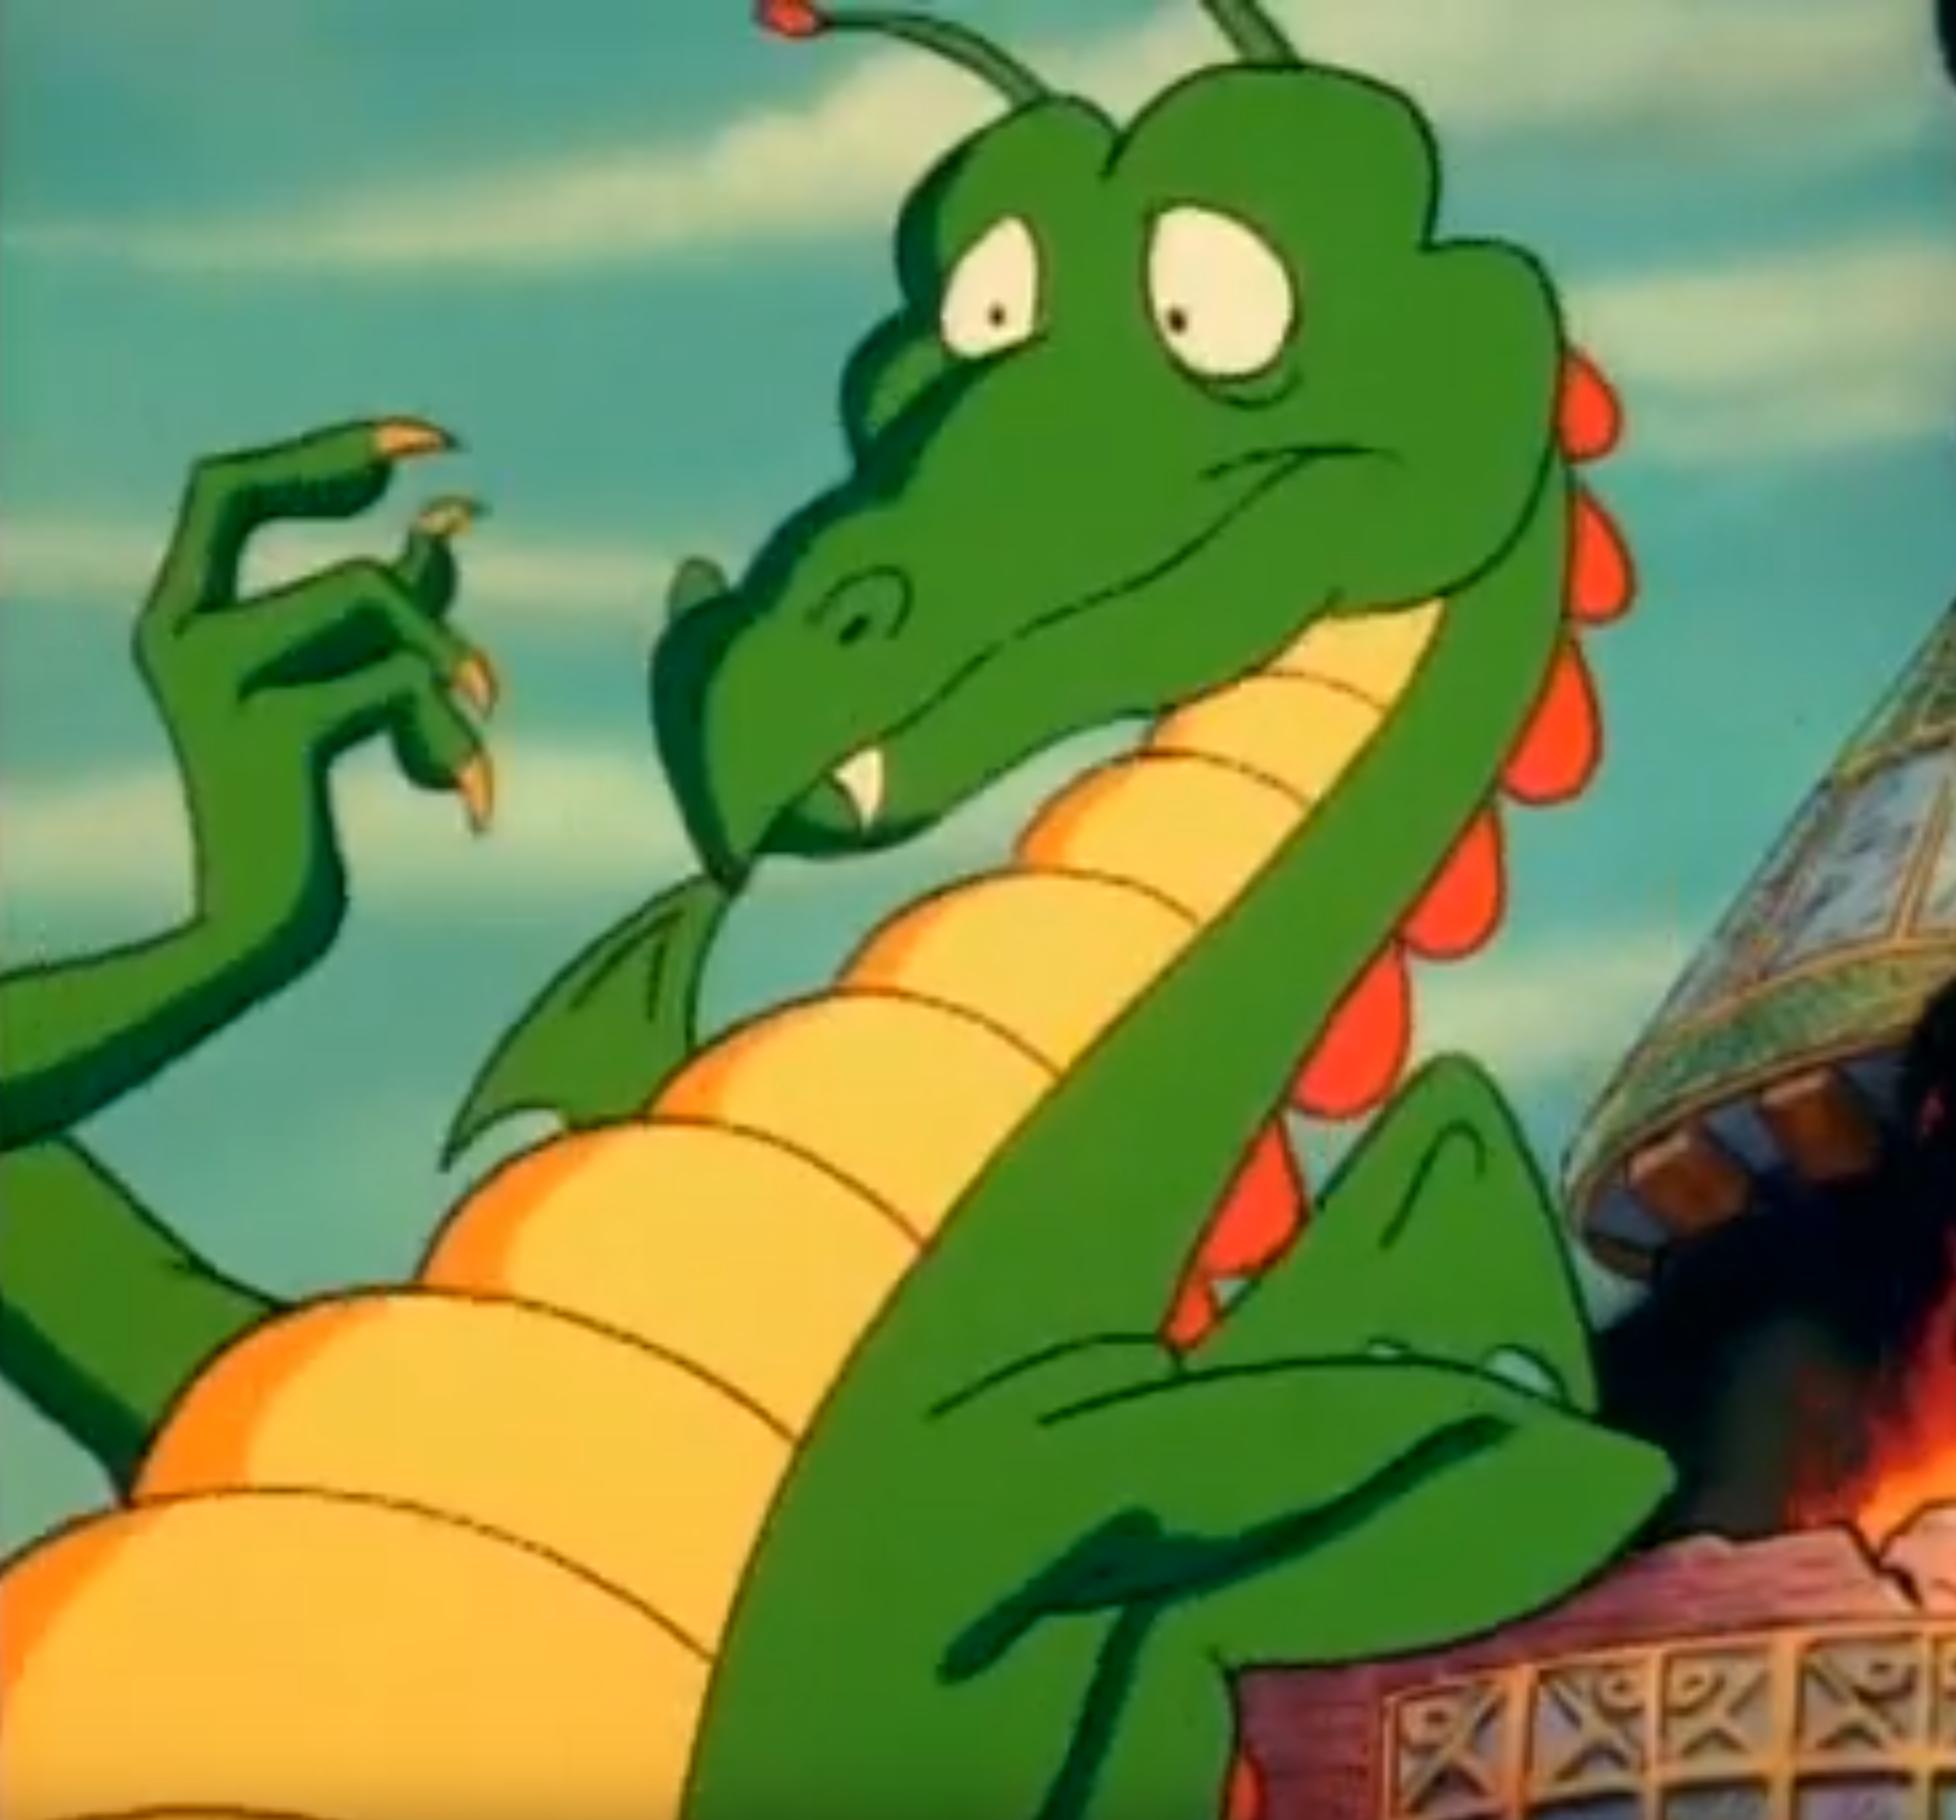 Dragon (A Bunch of Munsch)